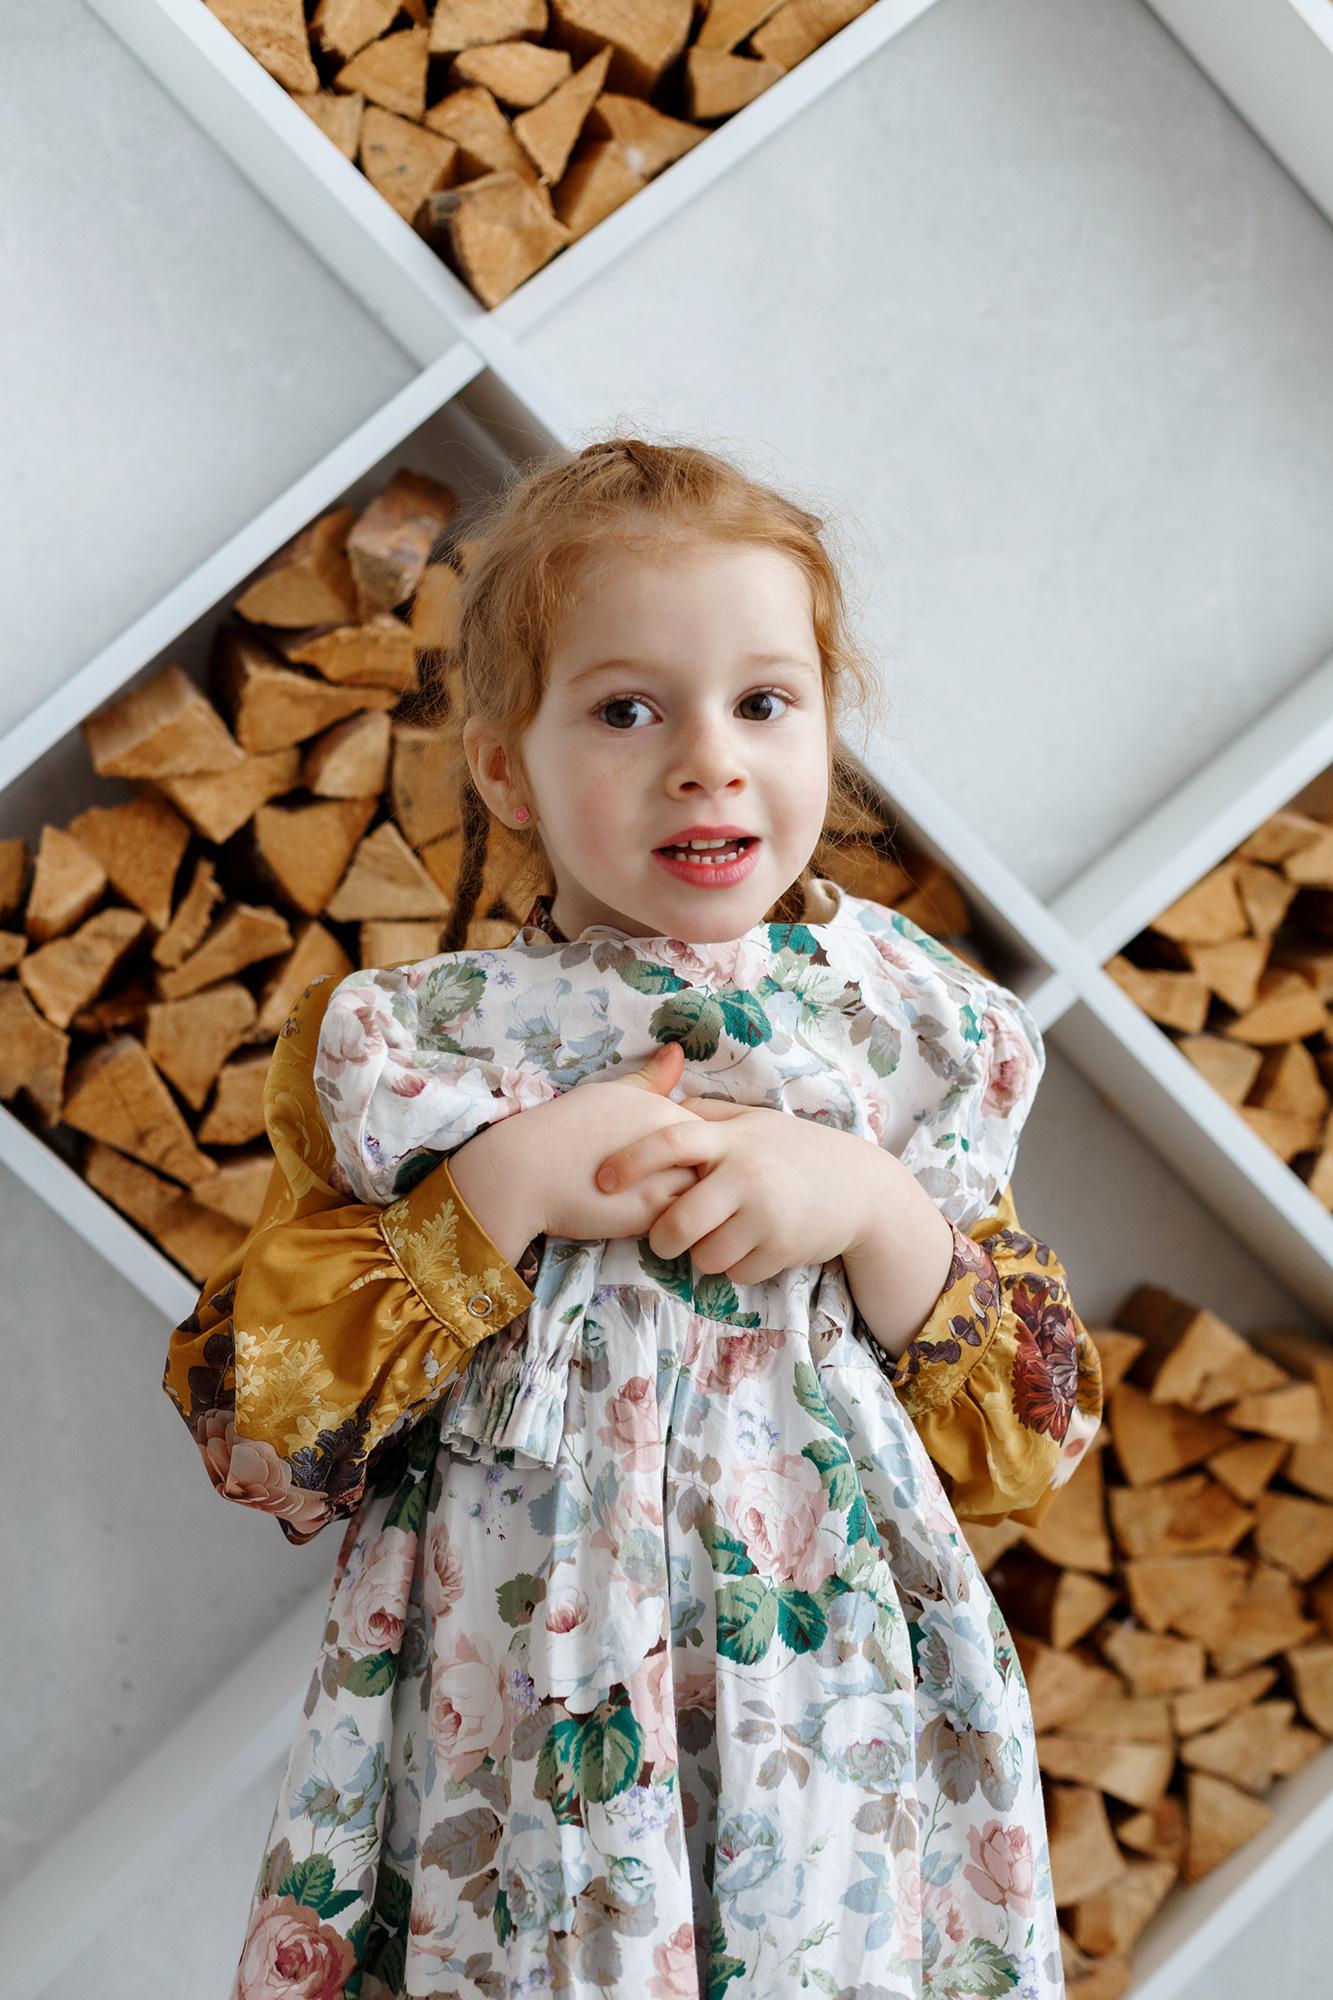 детская фотосессия в студии, ребенок примеряет платье, ребенок позирует, ребенок не позирует, девочка в платье, девочка в фотостудии